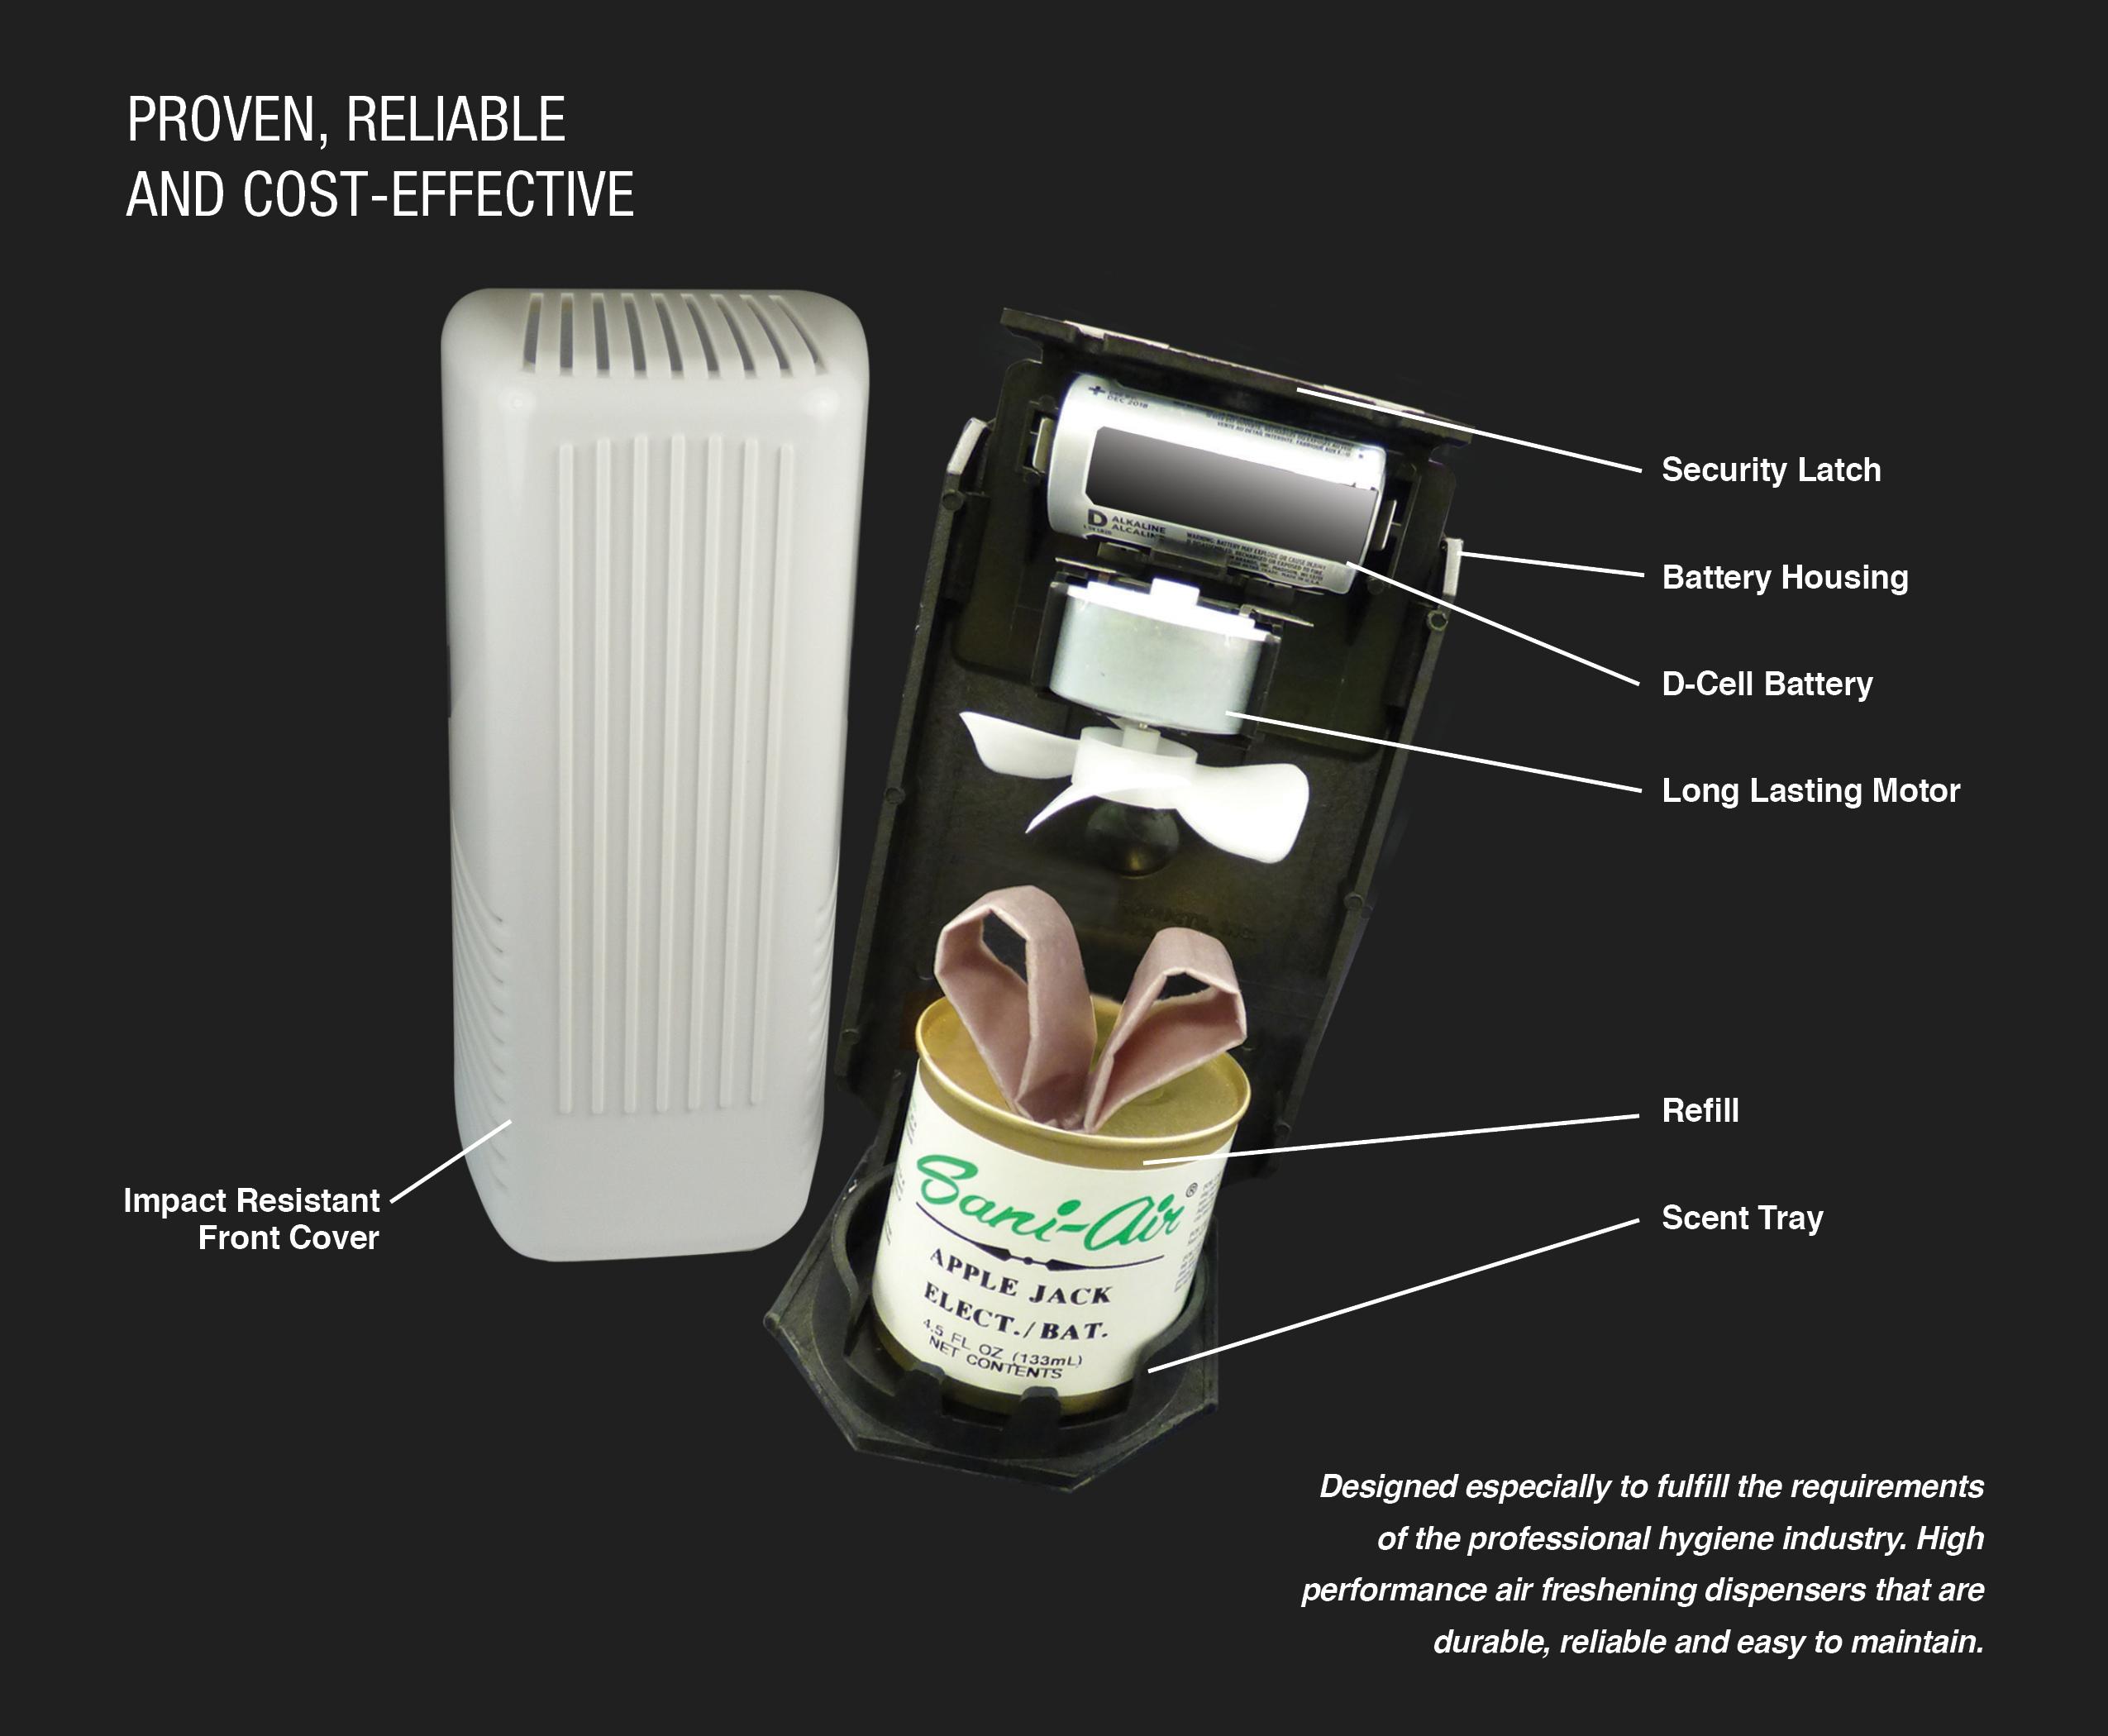 Inside the API-2000 Dispenser